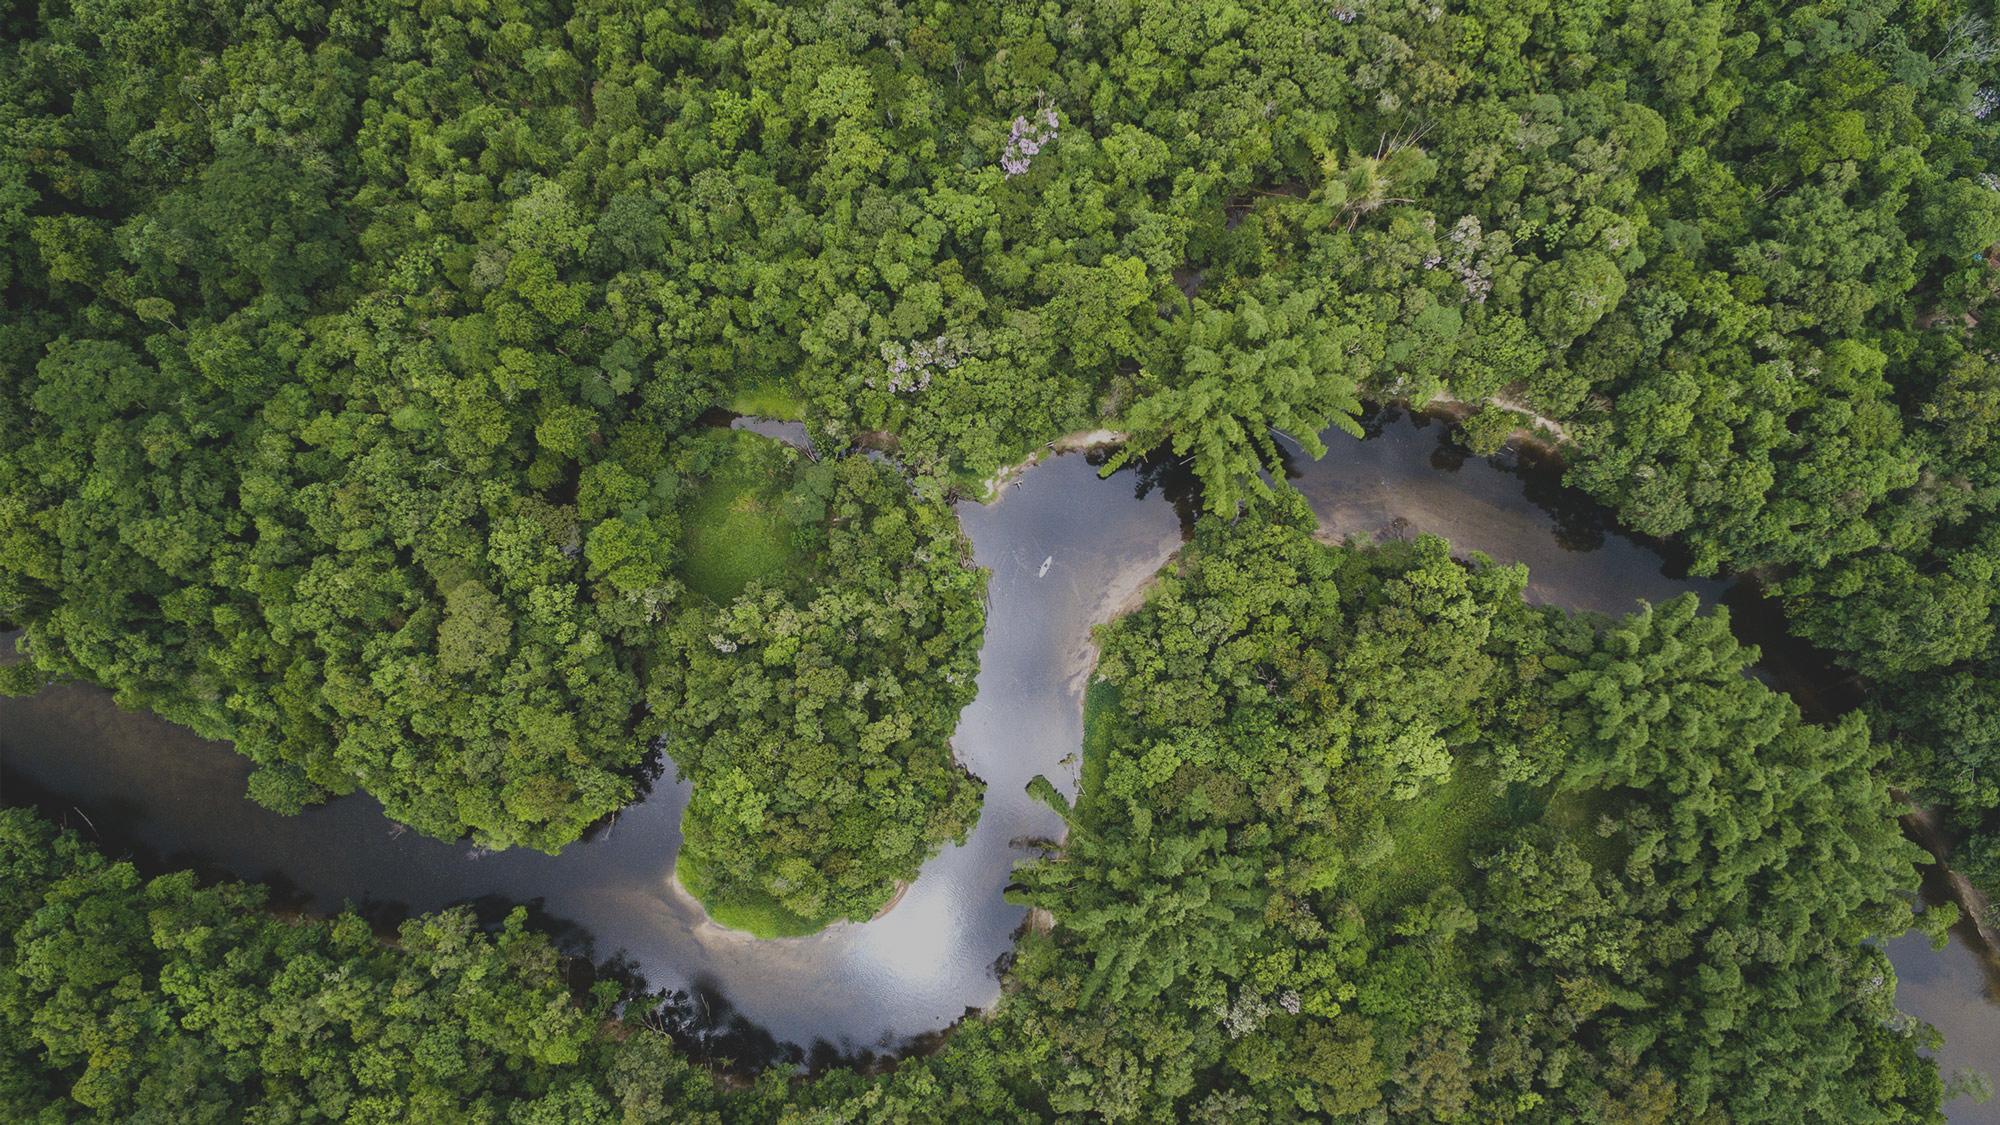 nachhaltigkei-unterseite-Kopie7SNX8gRooaXQM